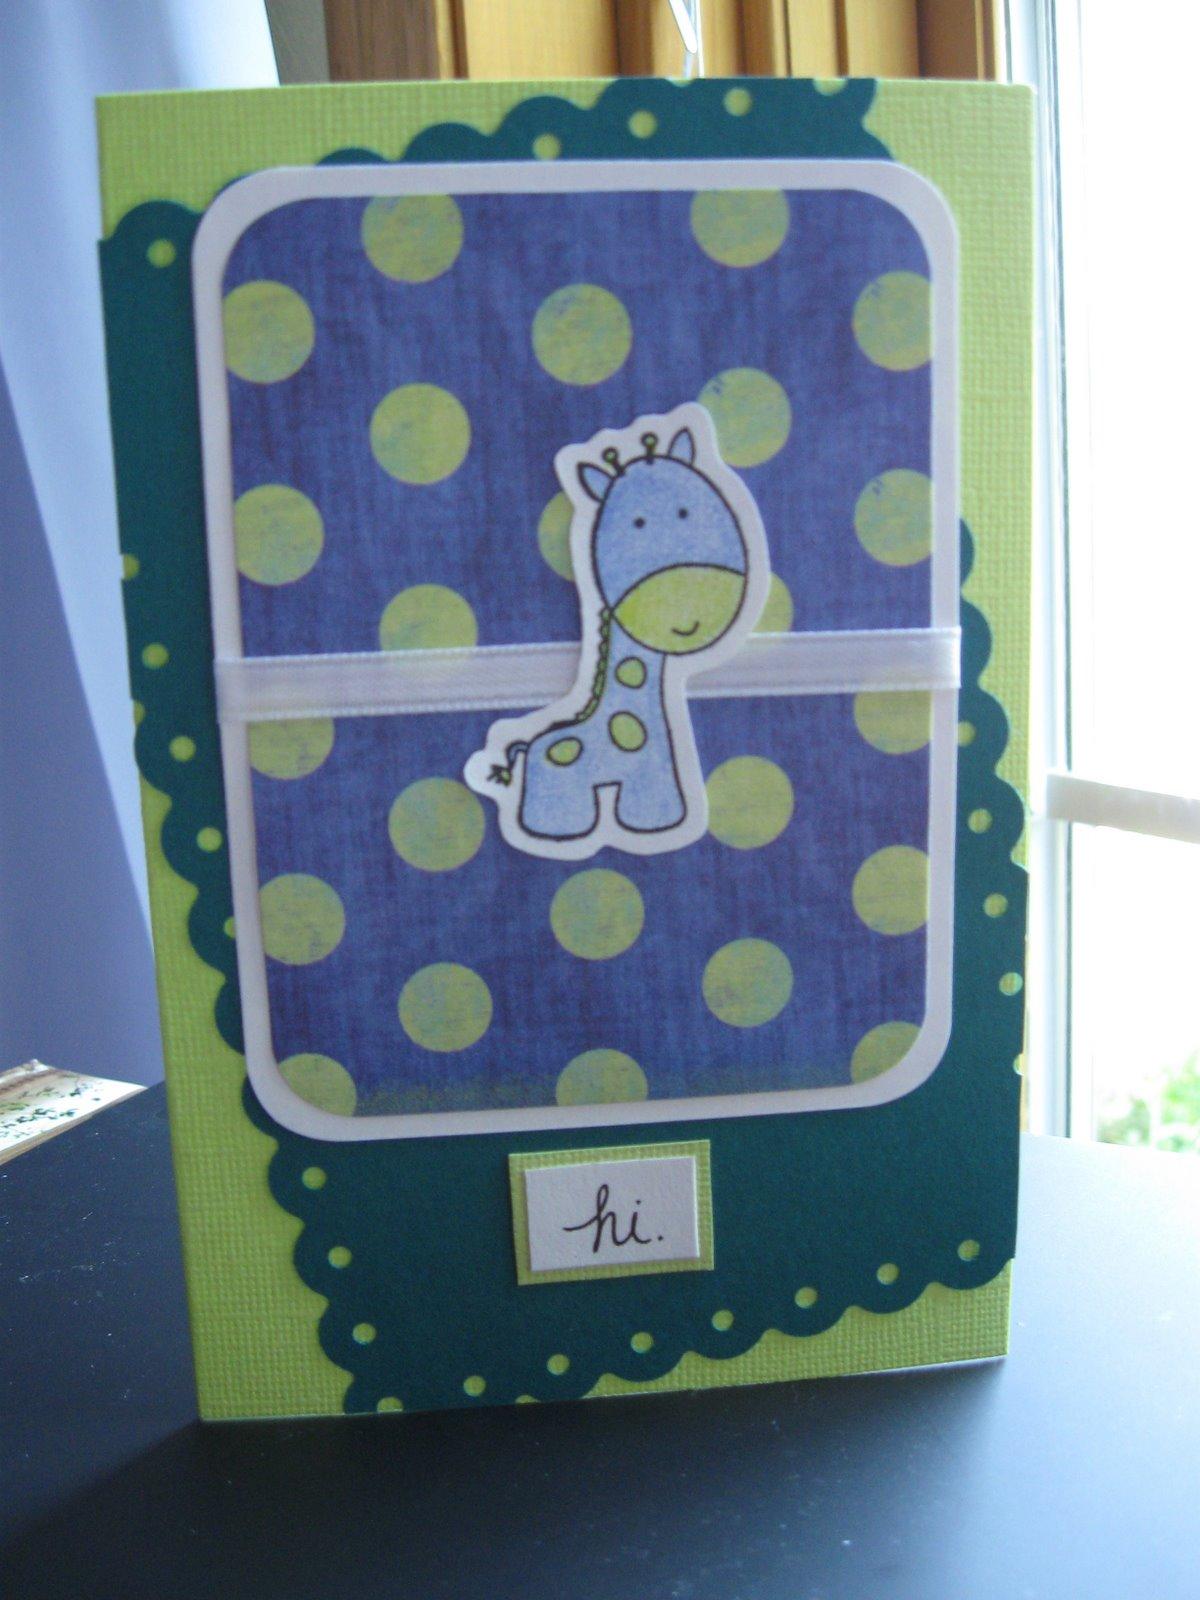 [07-27-08+Giraffe+Card+]